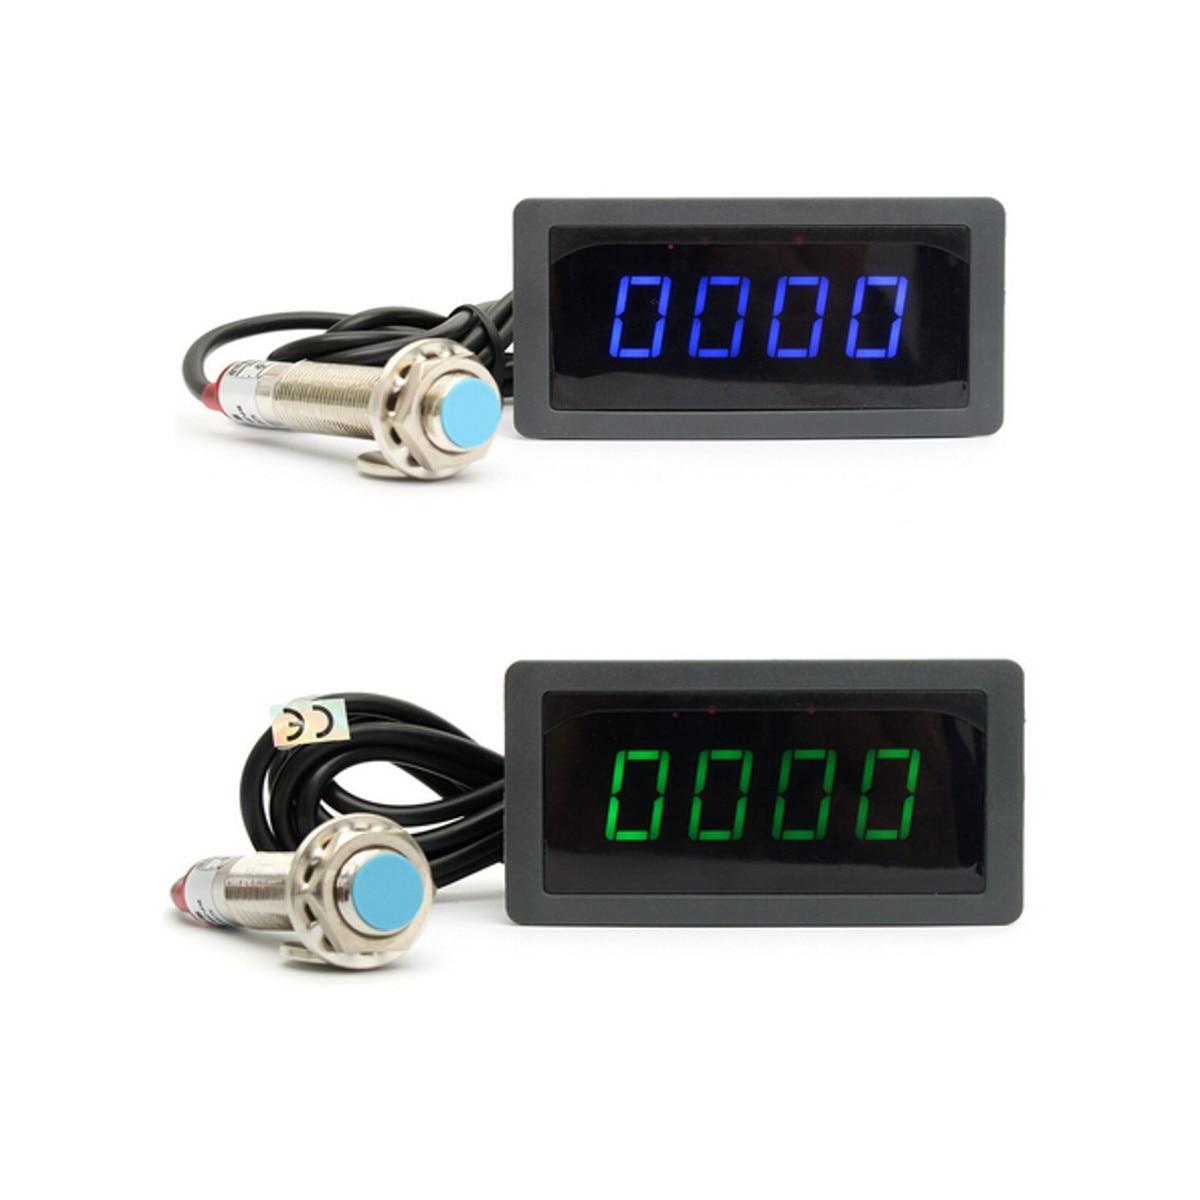 Blu Verde 4 Digital LED Tachimetro RPM Speed Meter + Interruttore Di Prossimità Sensore 12 V Promozione